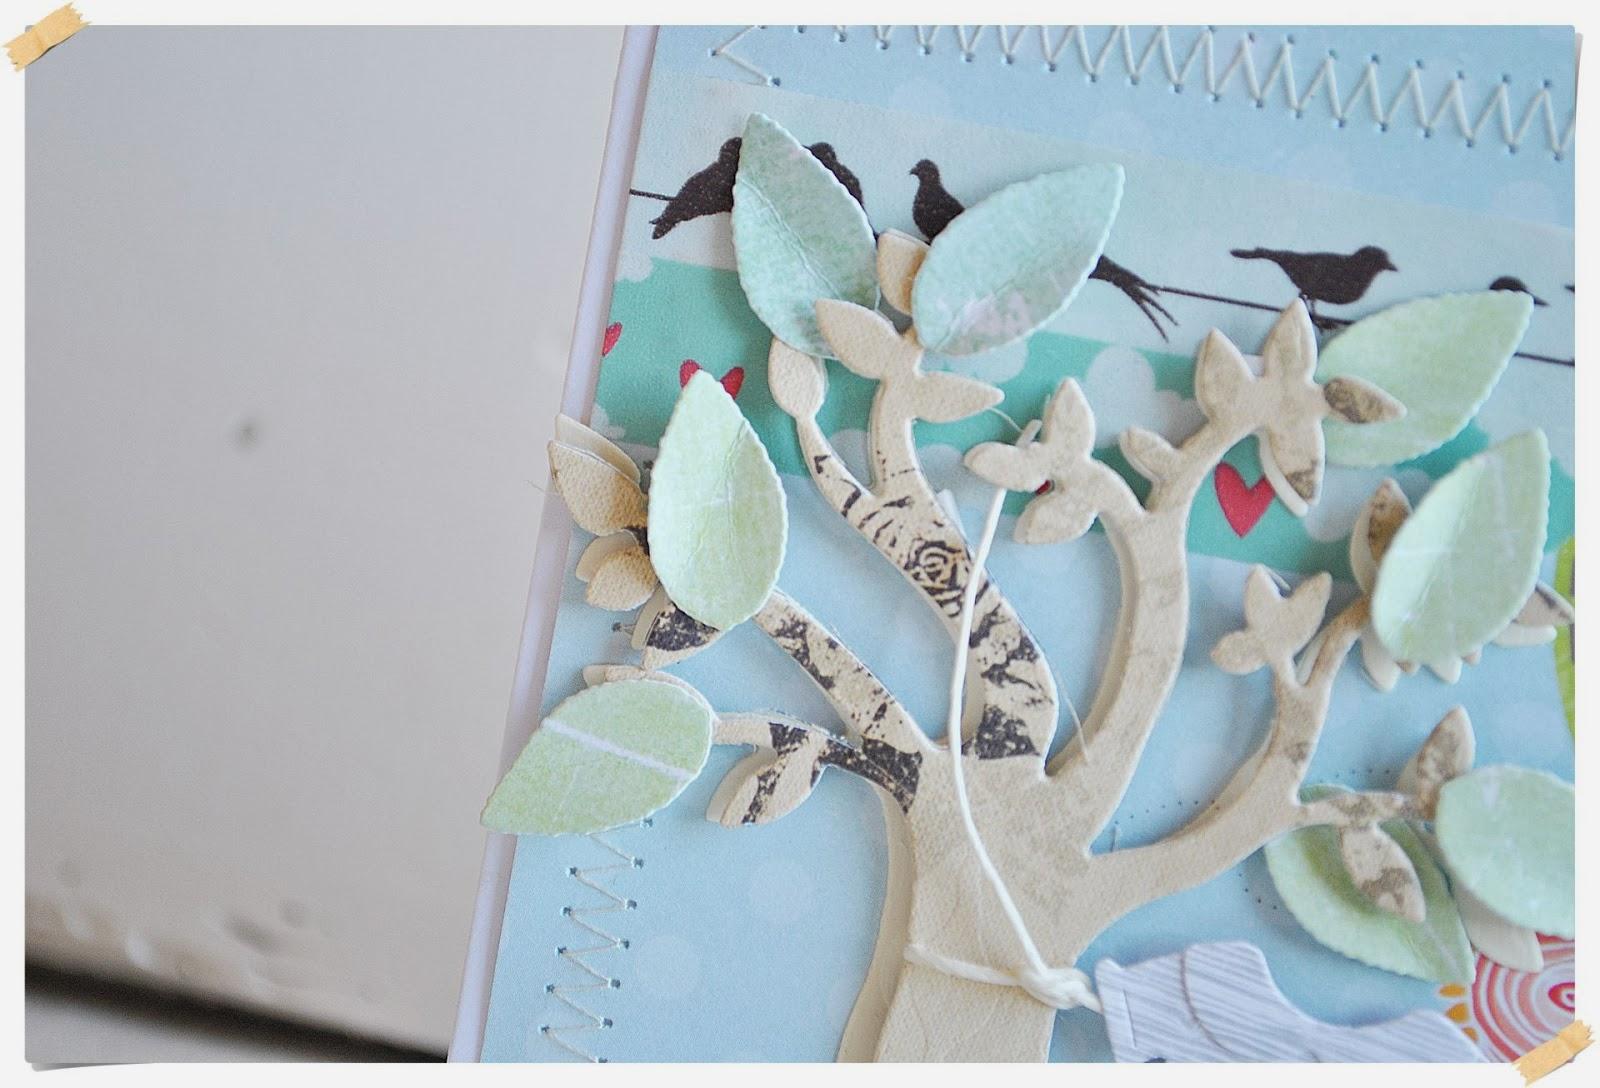 kartka urodzinowa dla dziecka scrapbooking